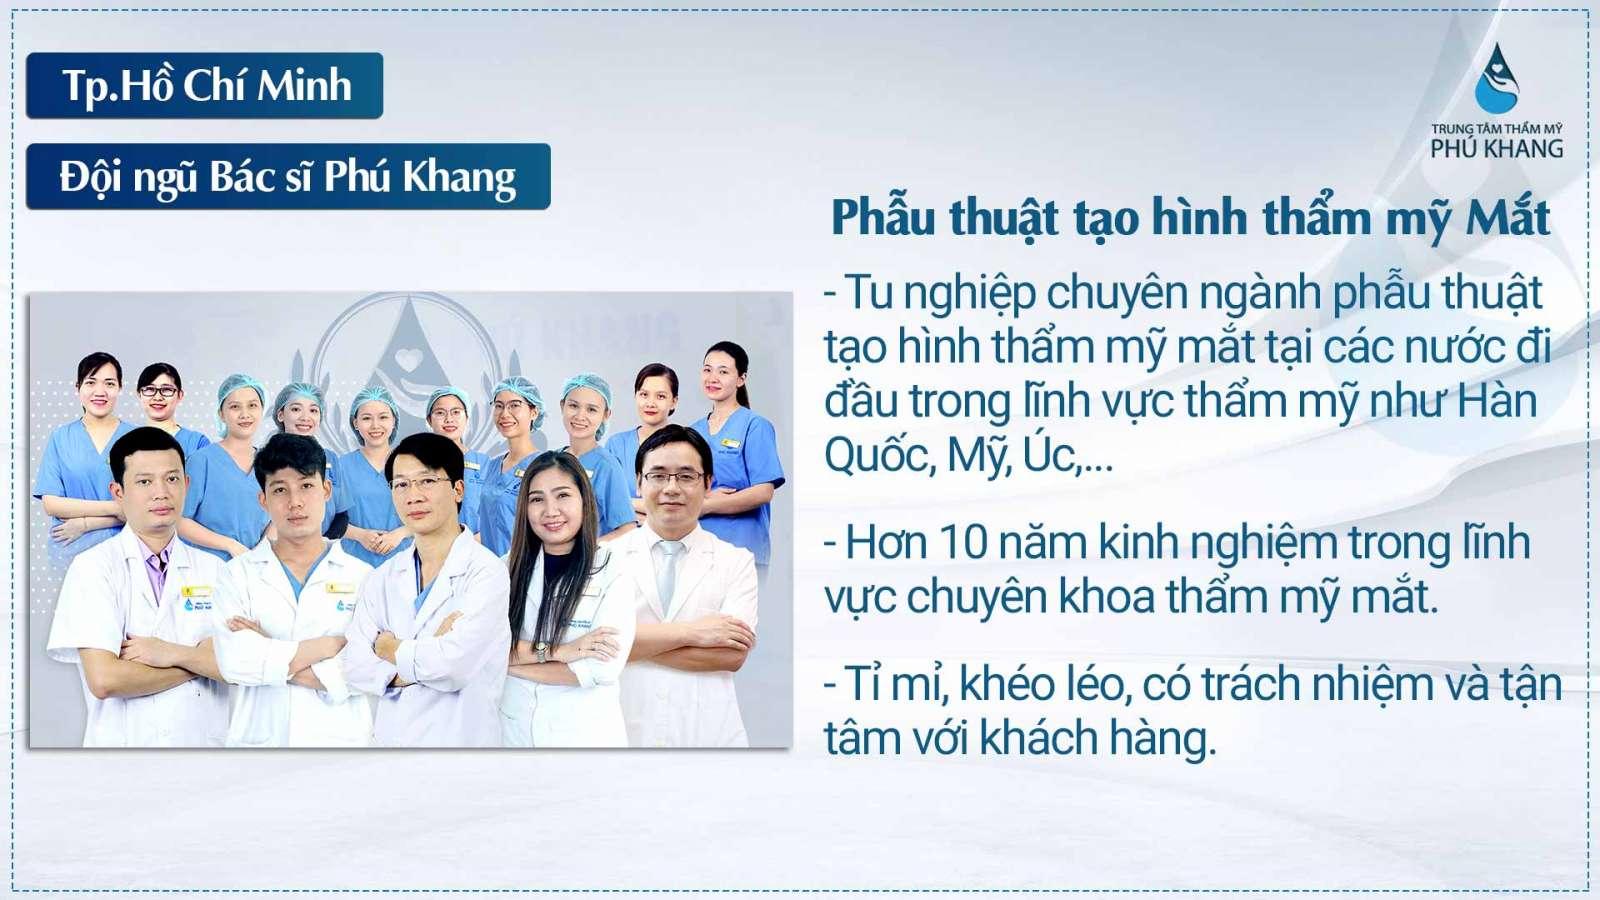 Đội ngũ bác sĩ thực hiện giàu kinh nghiệm